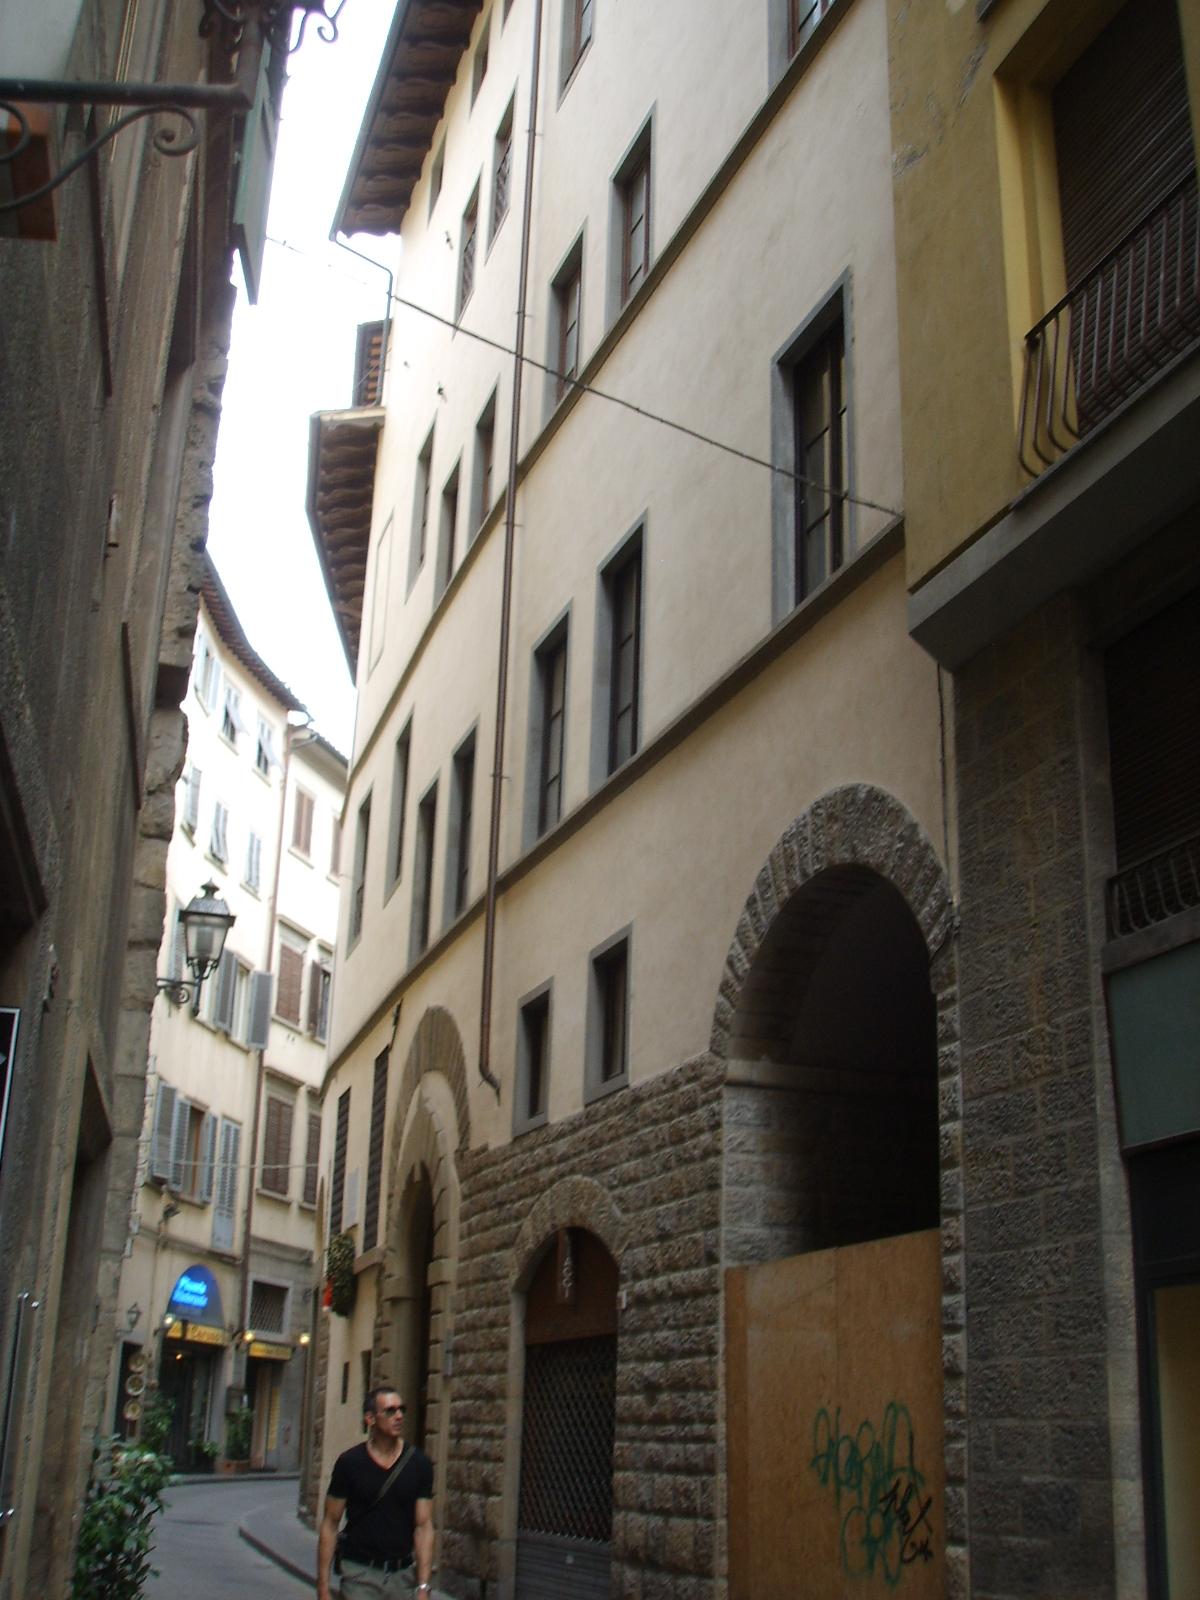 Palazzo bartolommei buschetti wikipedia - Casa del giunco firenze ...